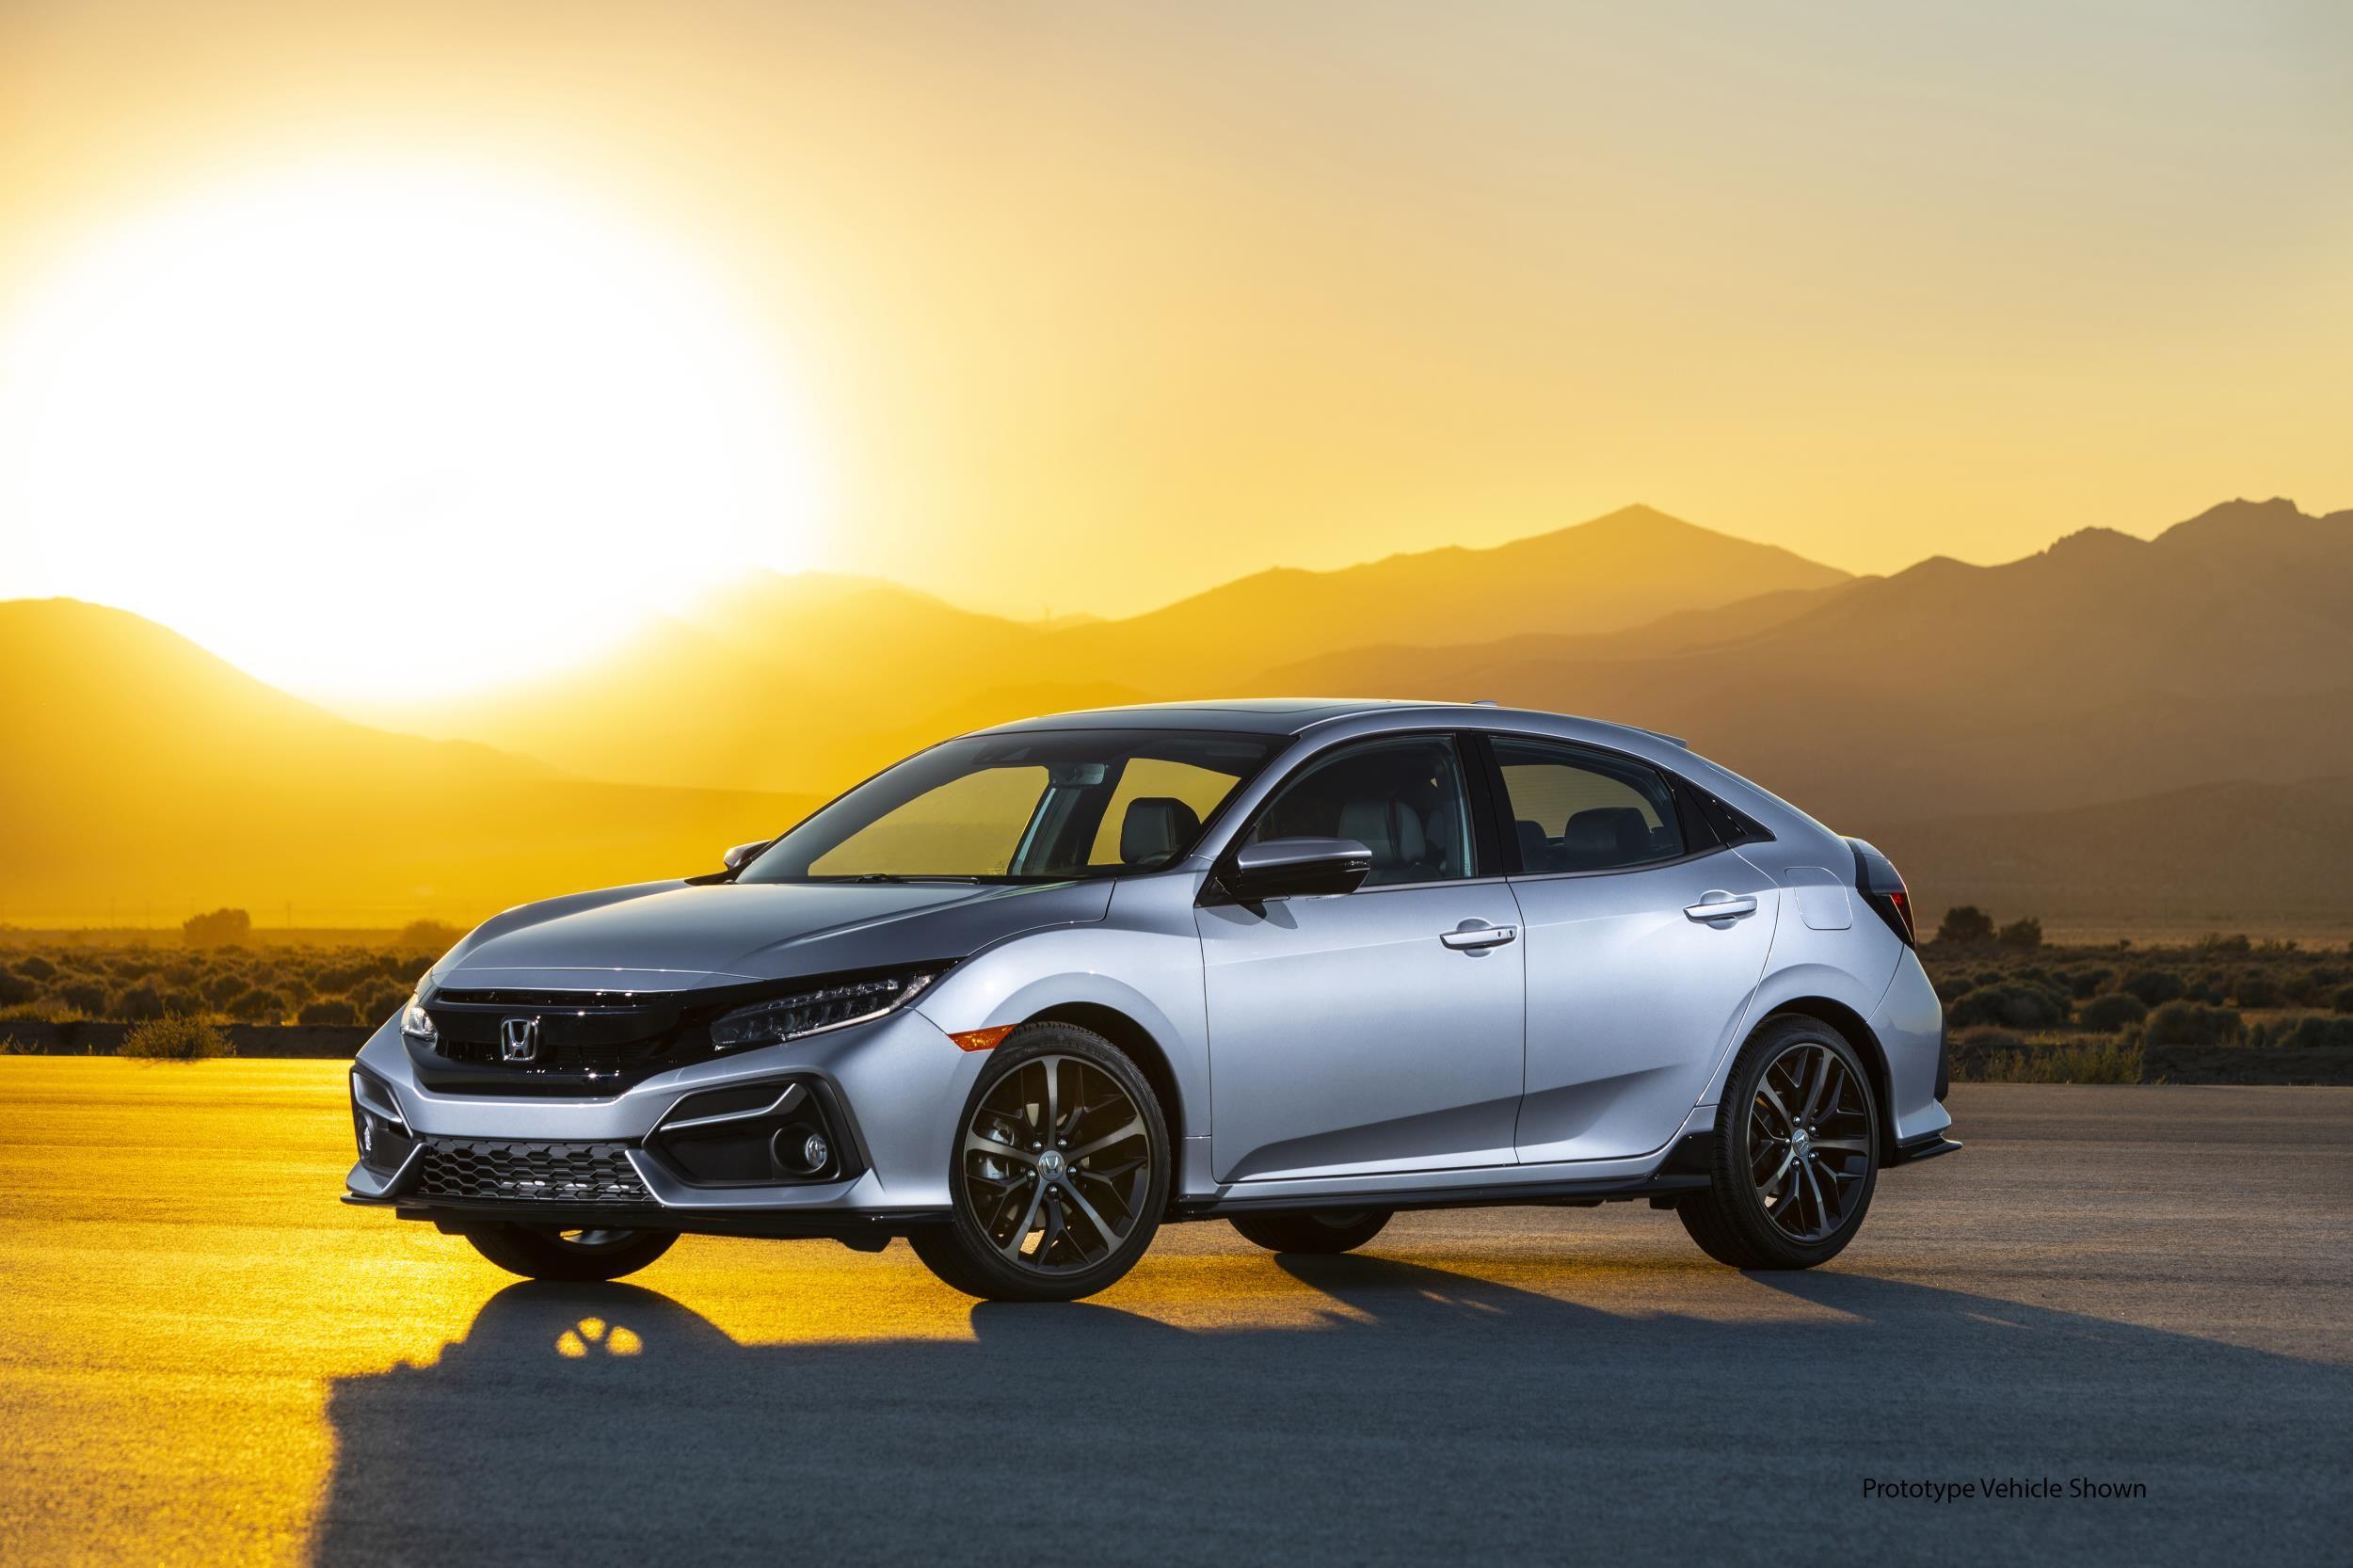 El Honda Civic Hatchback del 2020 aterriza con un nuevo